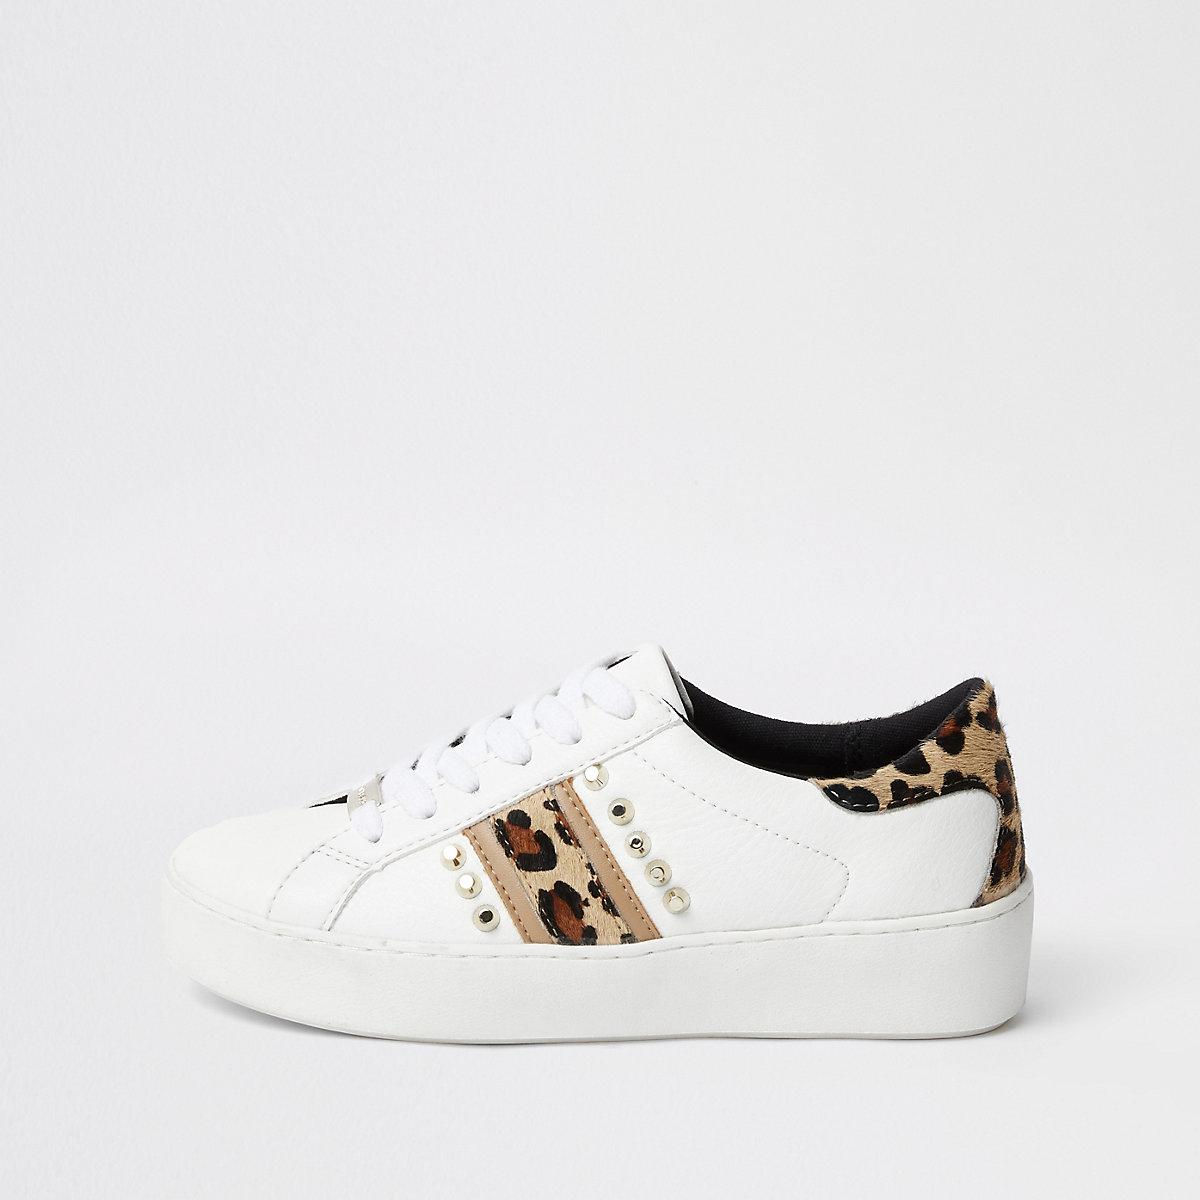 Witte sneakers met studs en luipaardprint